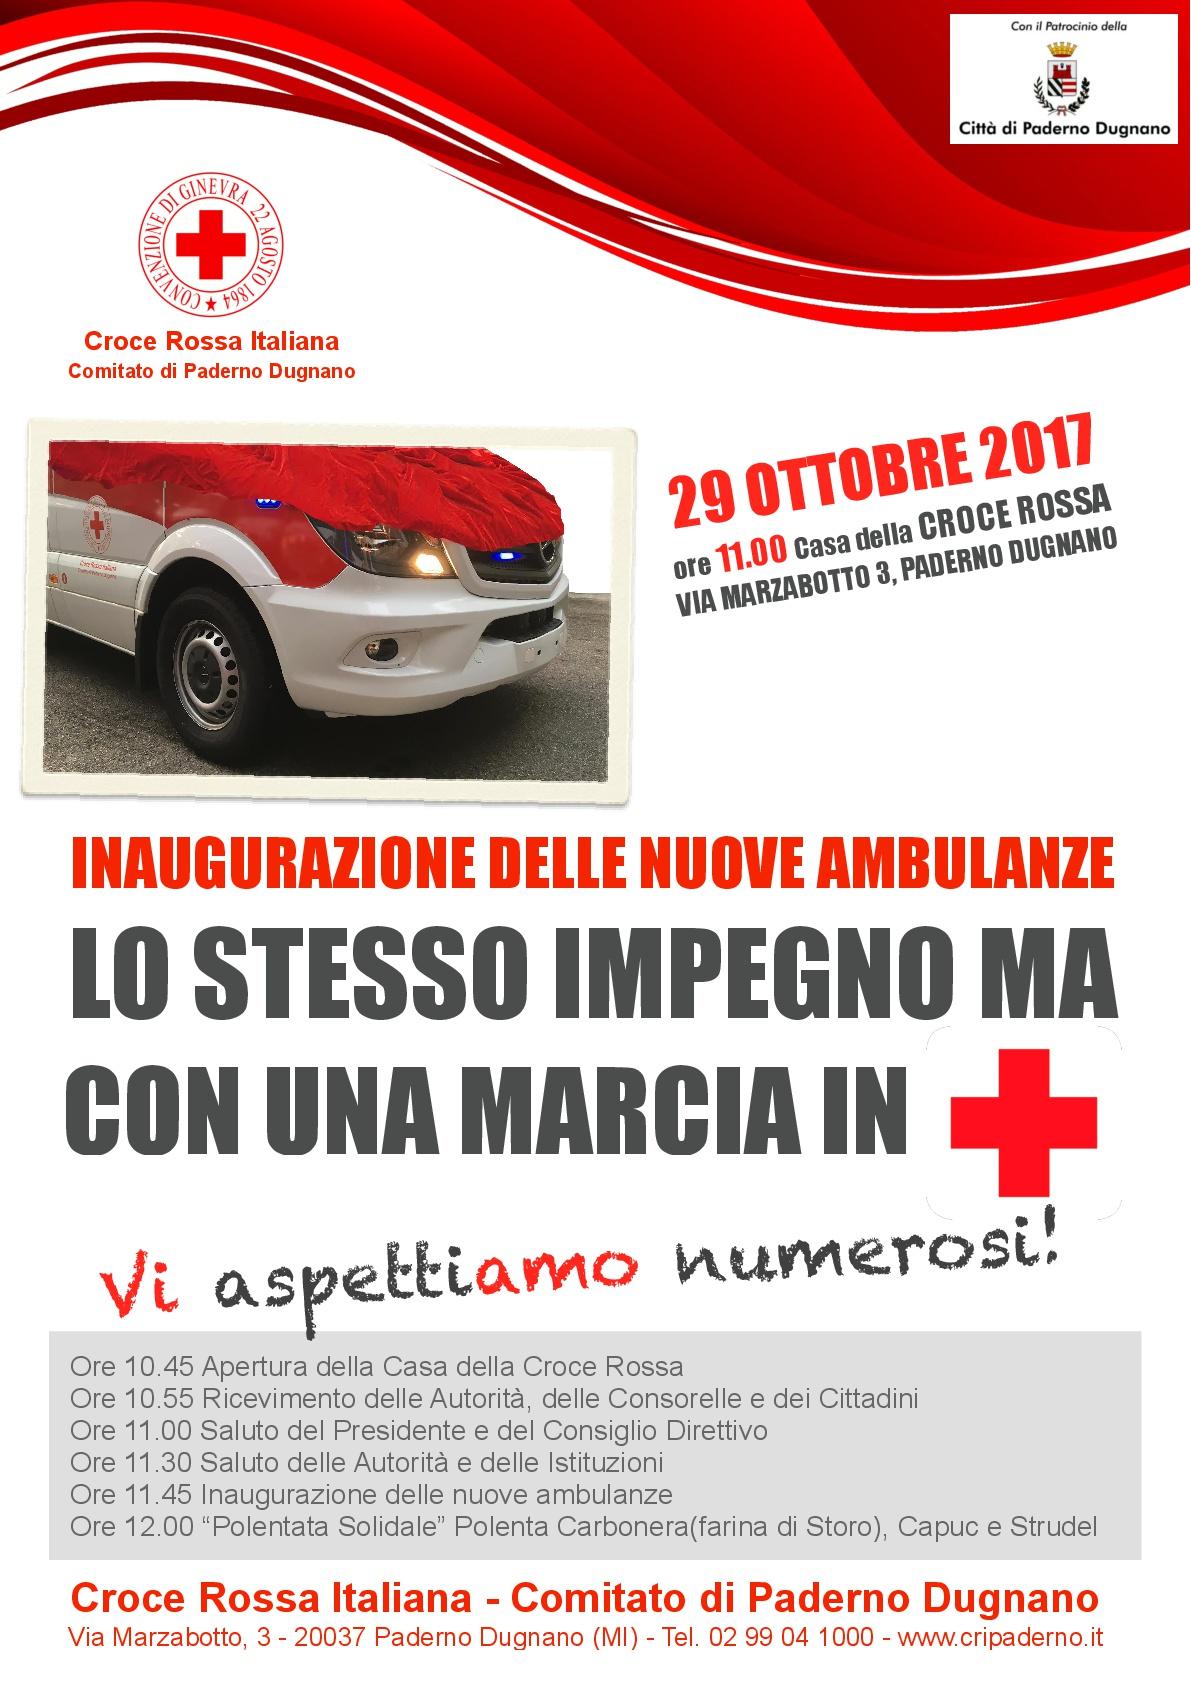 Inaugurazione delle nuove ambulanze